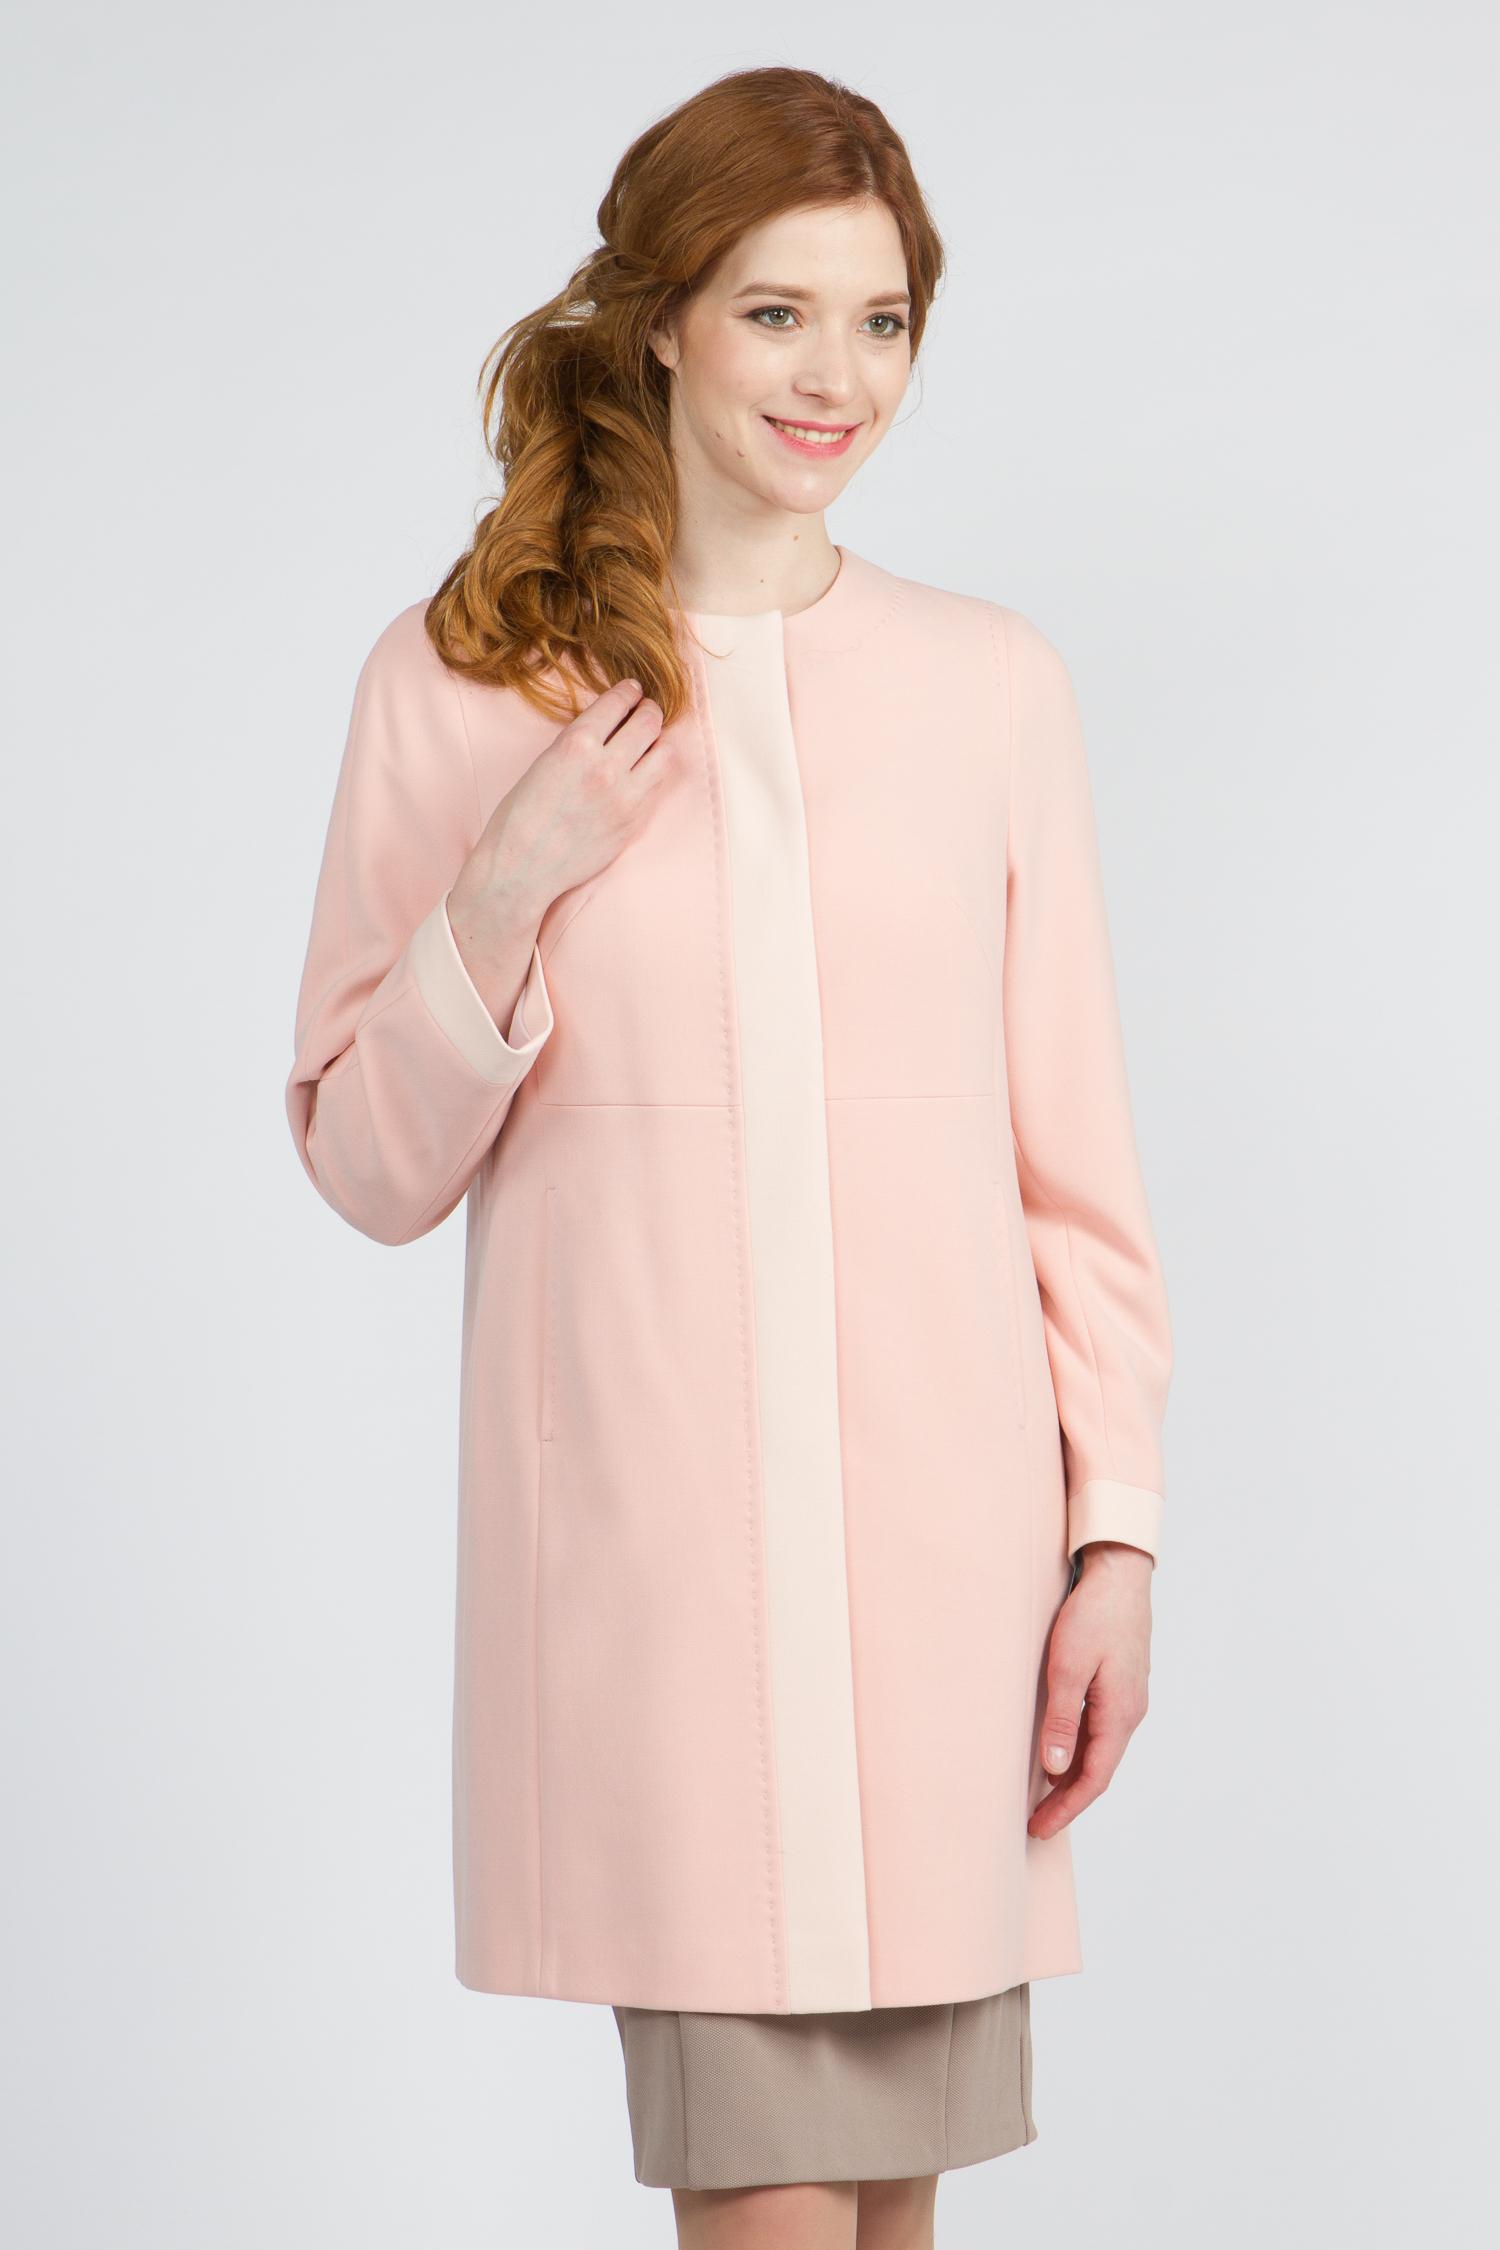 Облегченное женское пальто из текстиля без воротника, без отделки. Производитель: Московская Меховая Компания, артикул: 9079